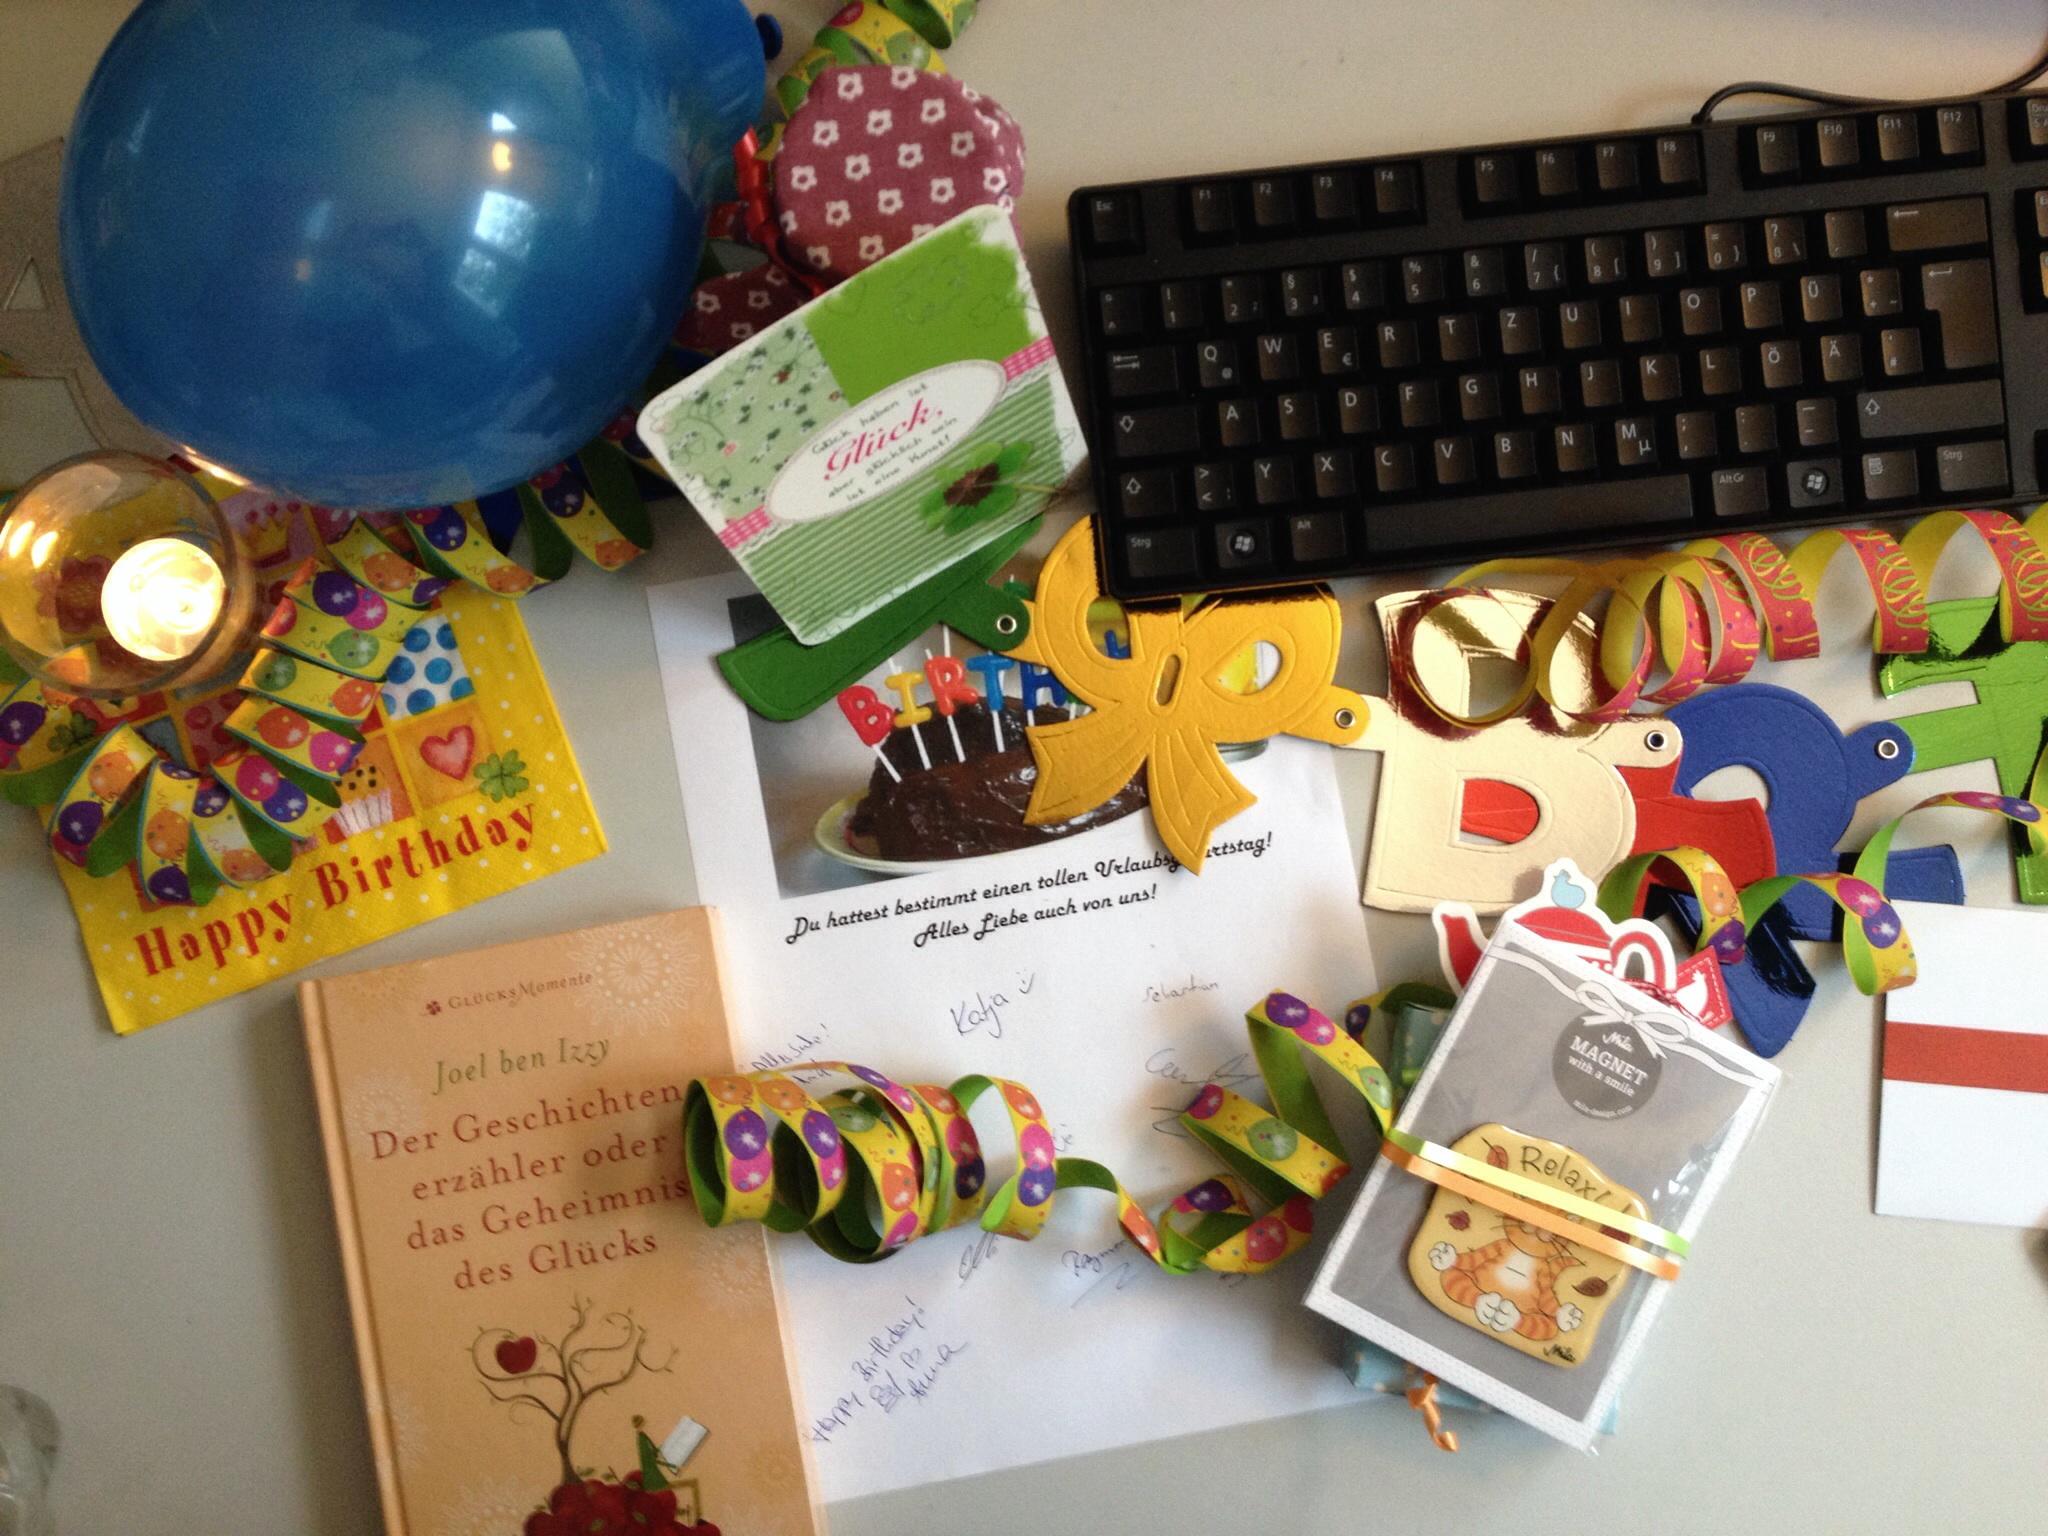 Geburtstagstisch im Büro